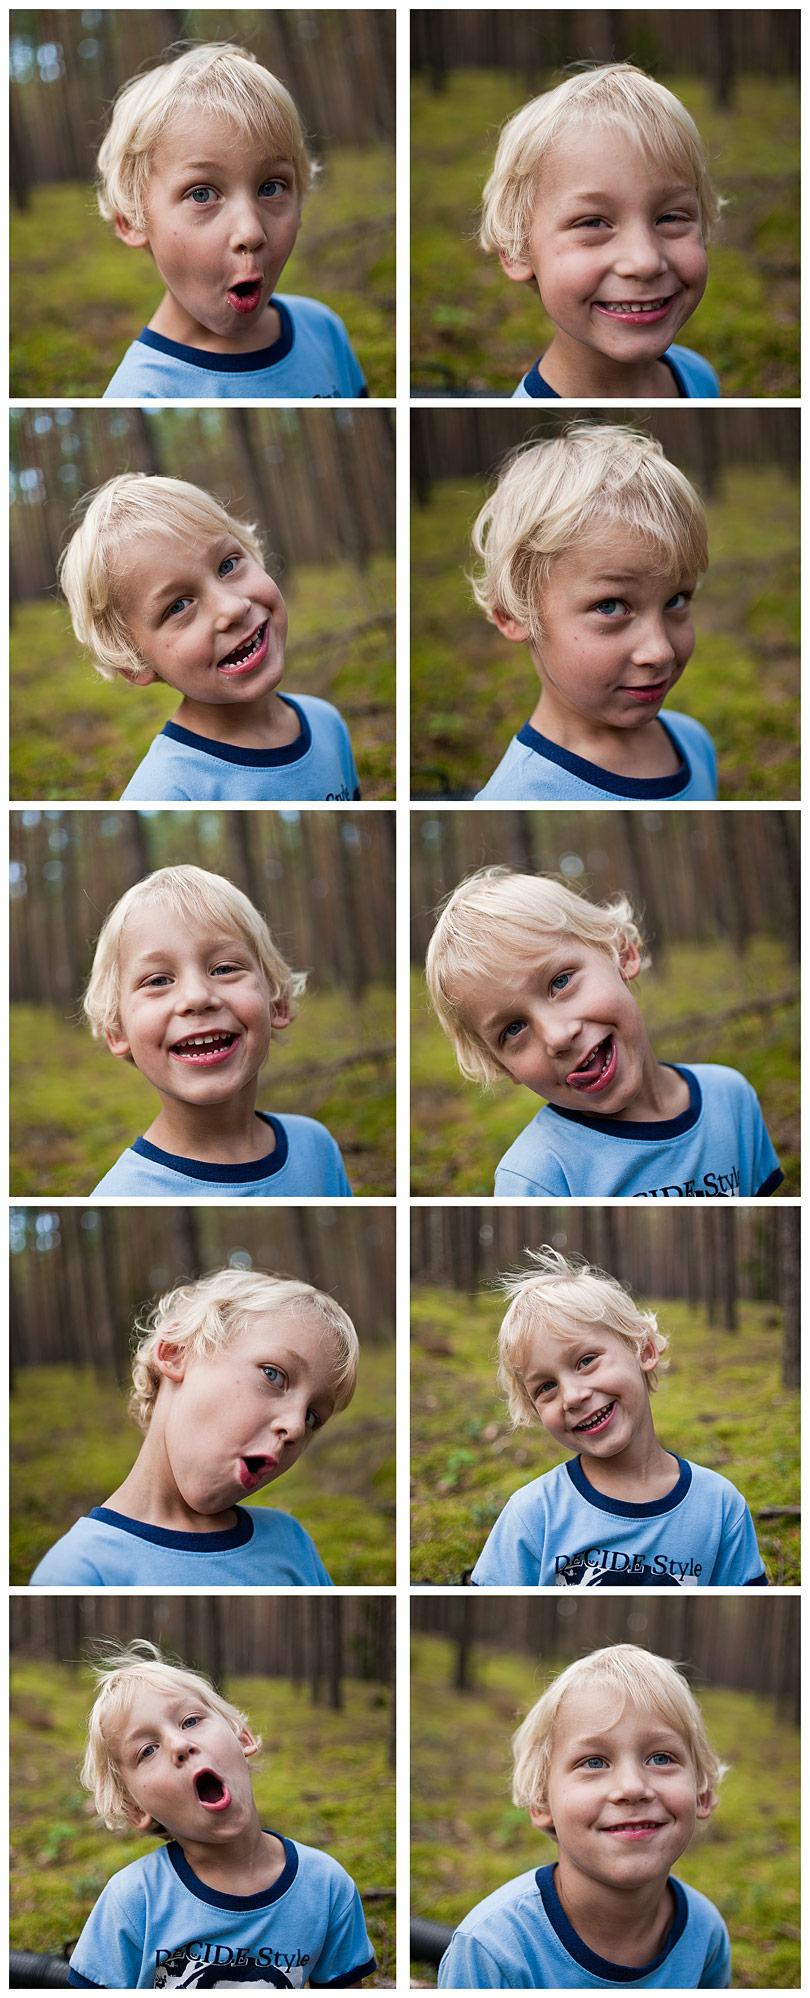 Fotografia rodzinna i okolicznościowa - Wojtek